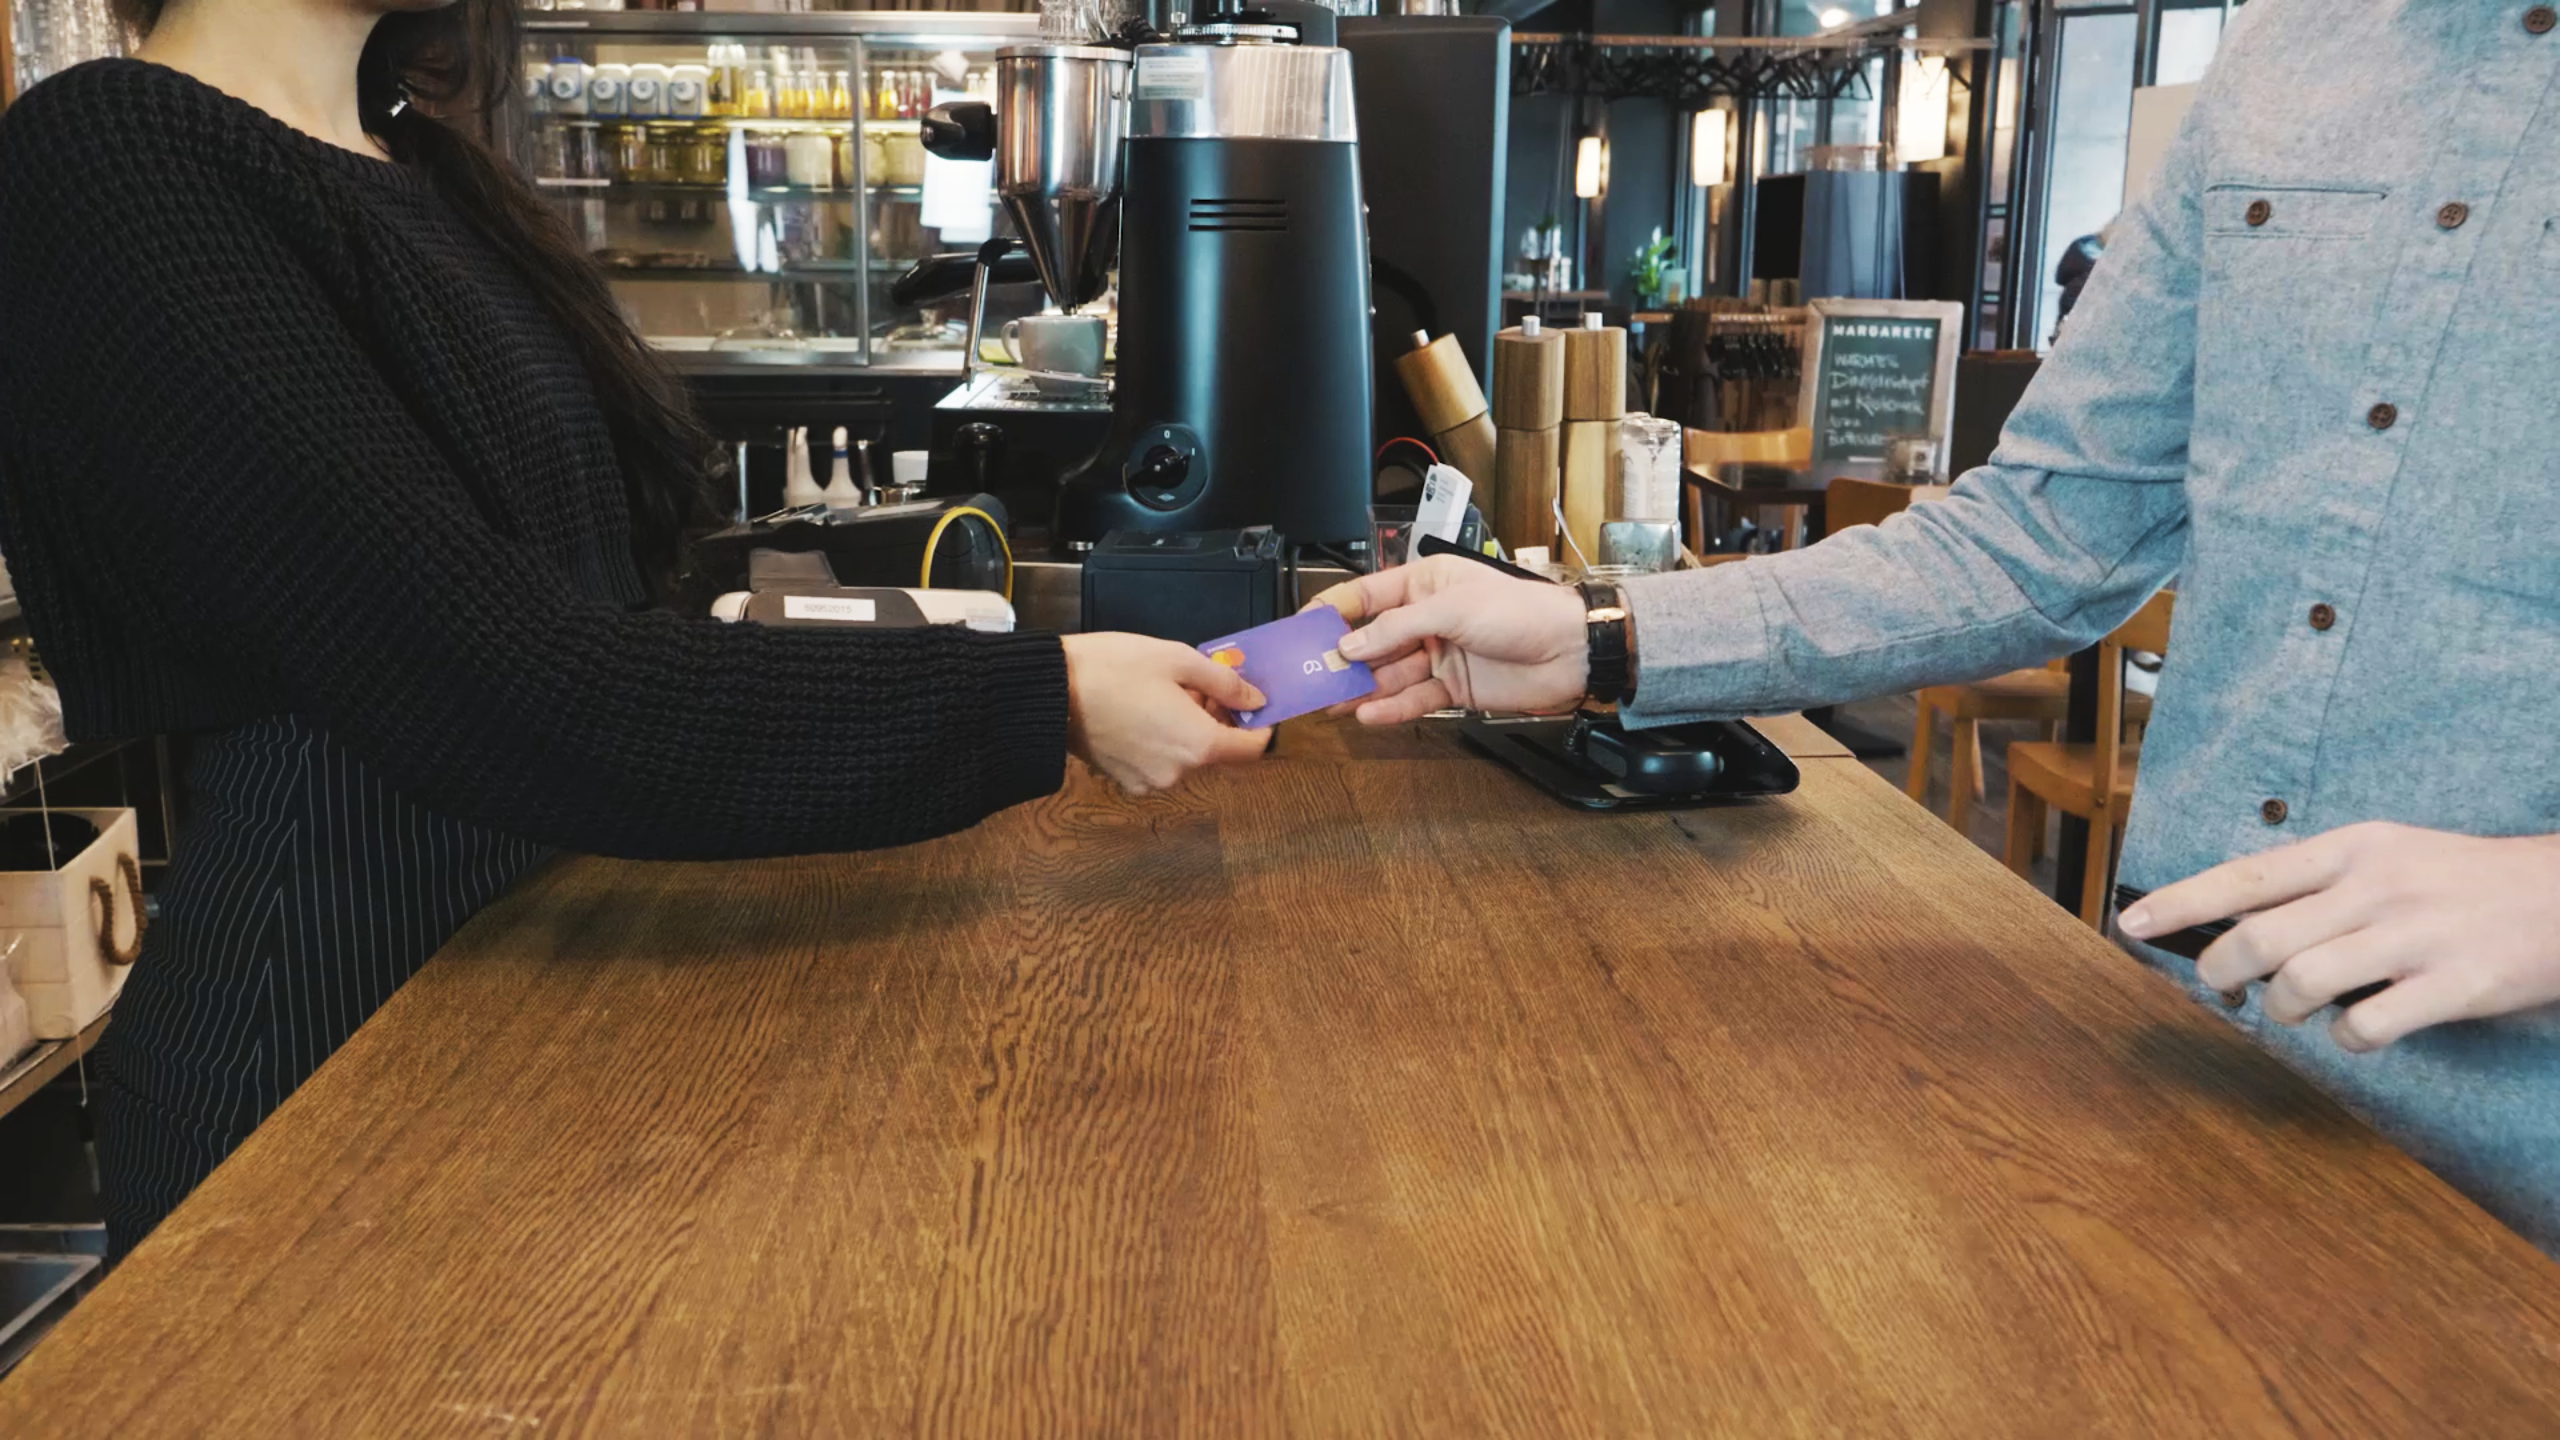 Kontist Kartenzahlung in einem Café